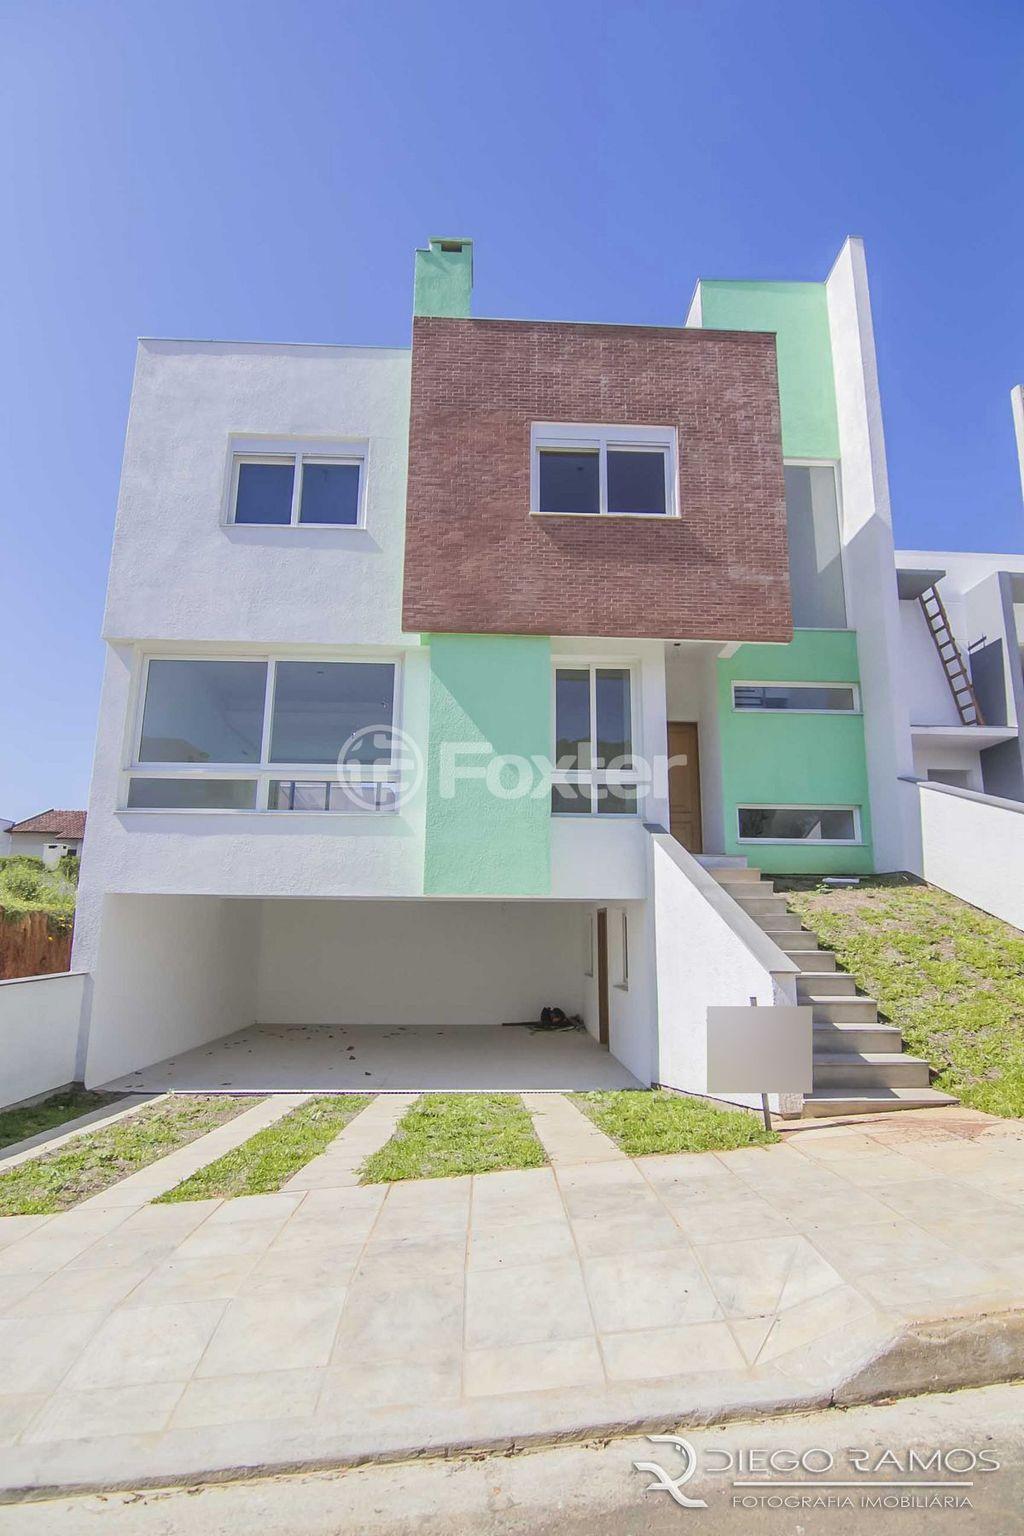 Foxter Imobiliária - Casa 3 Dorm, Mário Quintana - Foto 11